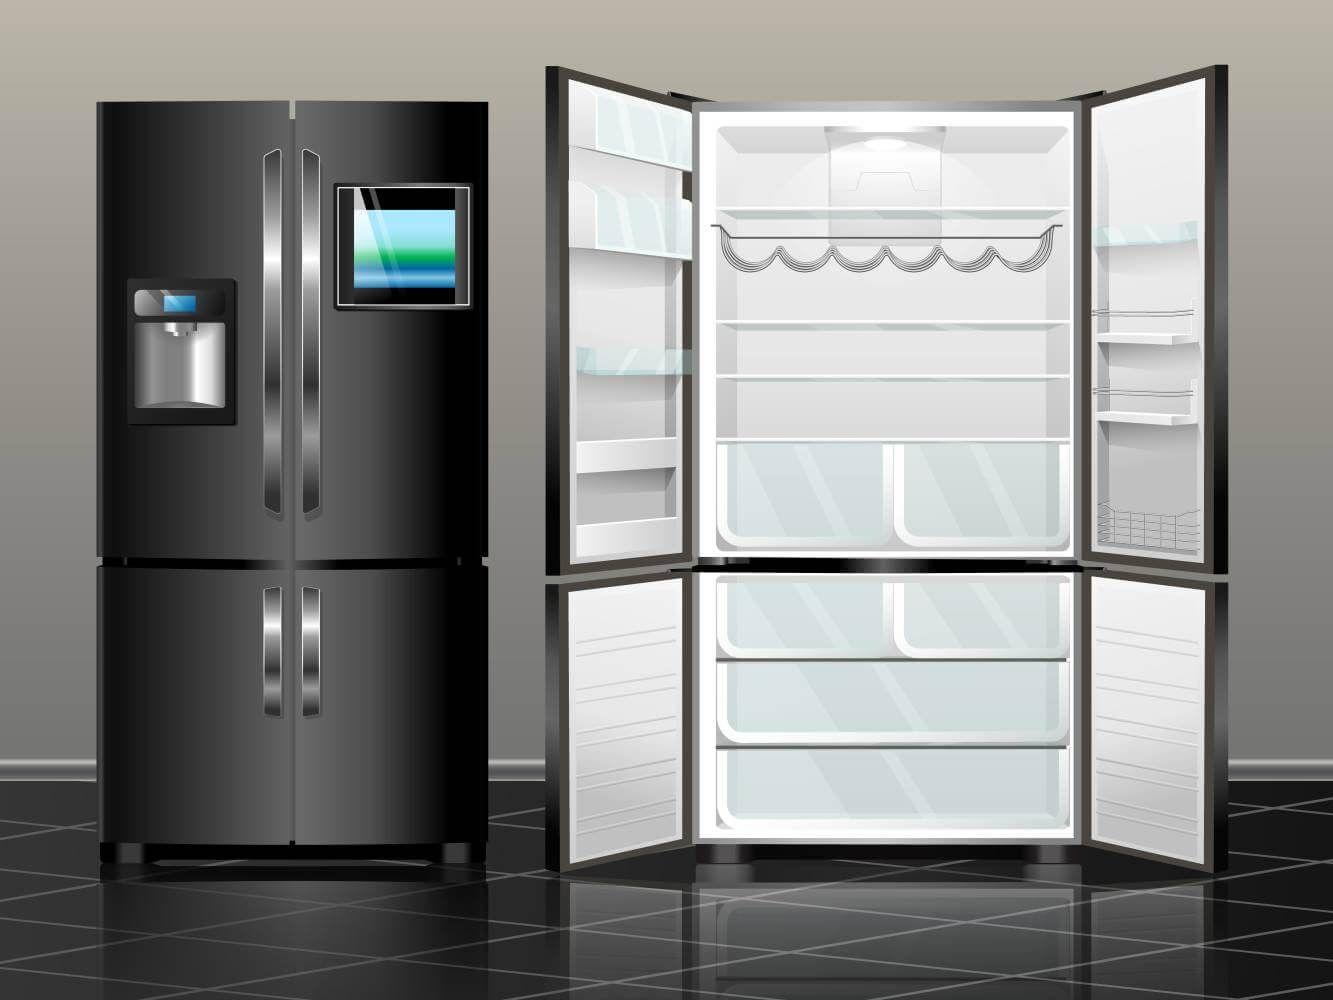 Kühlschrank Mit Gefrierfach Klein : Moderne küche mit freistehendem kühlschrank kühlschrank mit